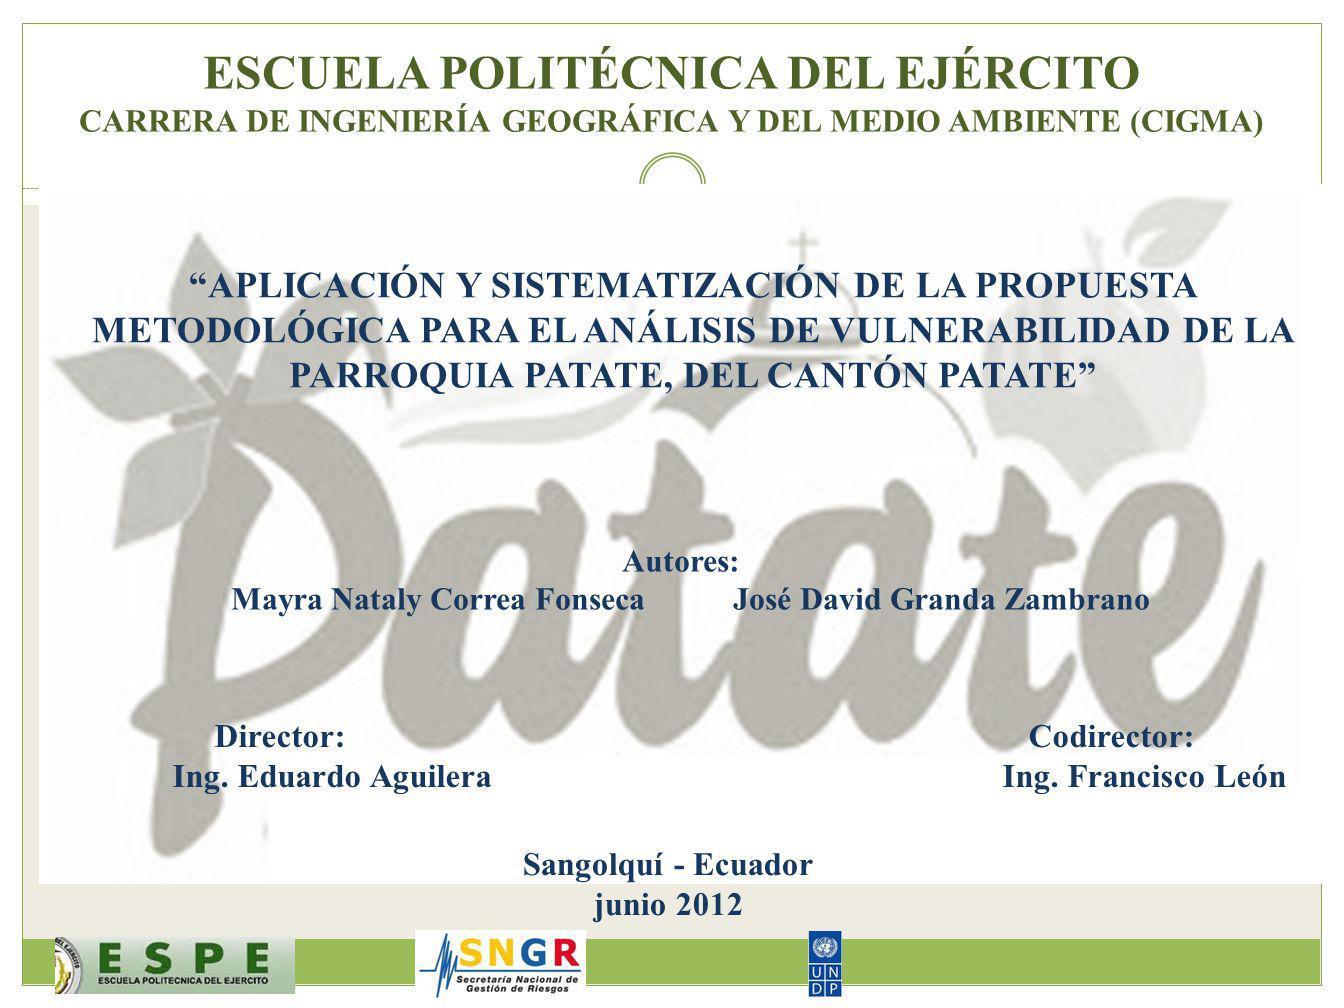 ESCUELA POLITÉCNICA DEL EJÉRCITO CARRERA DE INGENIERÍA GEOGRÁFICA Y DEL MEDIO AMBIENTE (CIGMA)